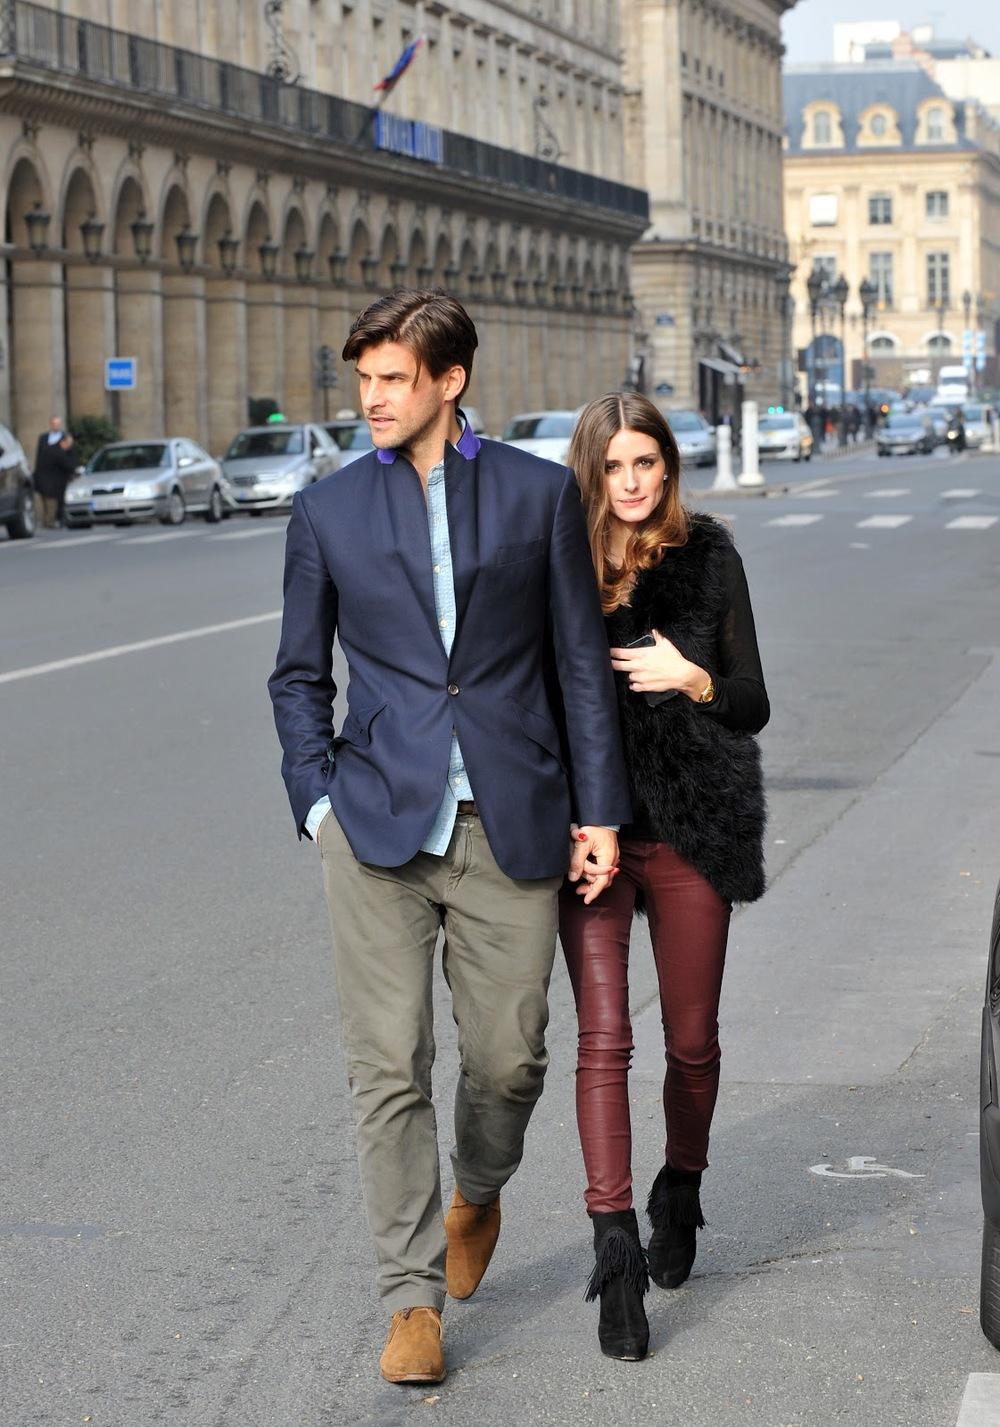 2# Johannes Huebl . Ser o companheiro de uma grande personalidade da moda é uma tarefa árdua. E Johannes consegue acompanhar sua   it girl Olivia Palermo com tremenda elegância, sempre com combinações inteligentes e nada espalhafatosas.